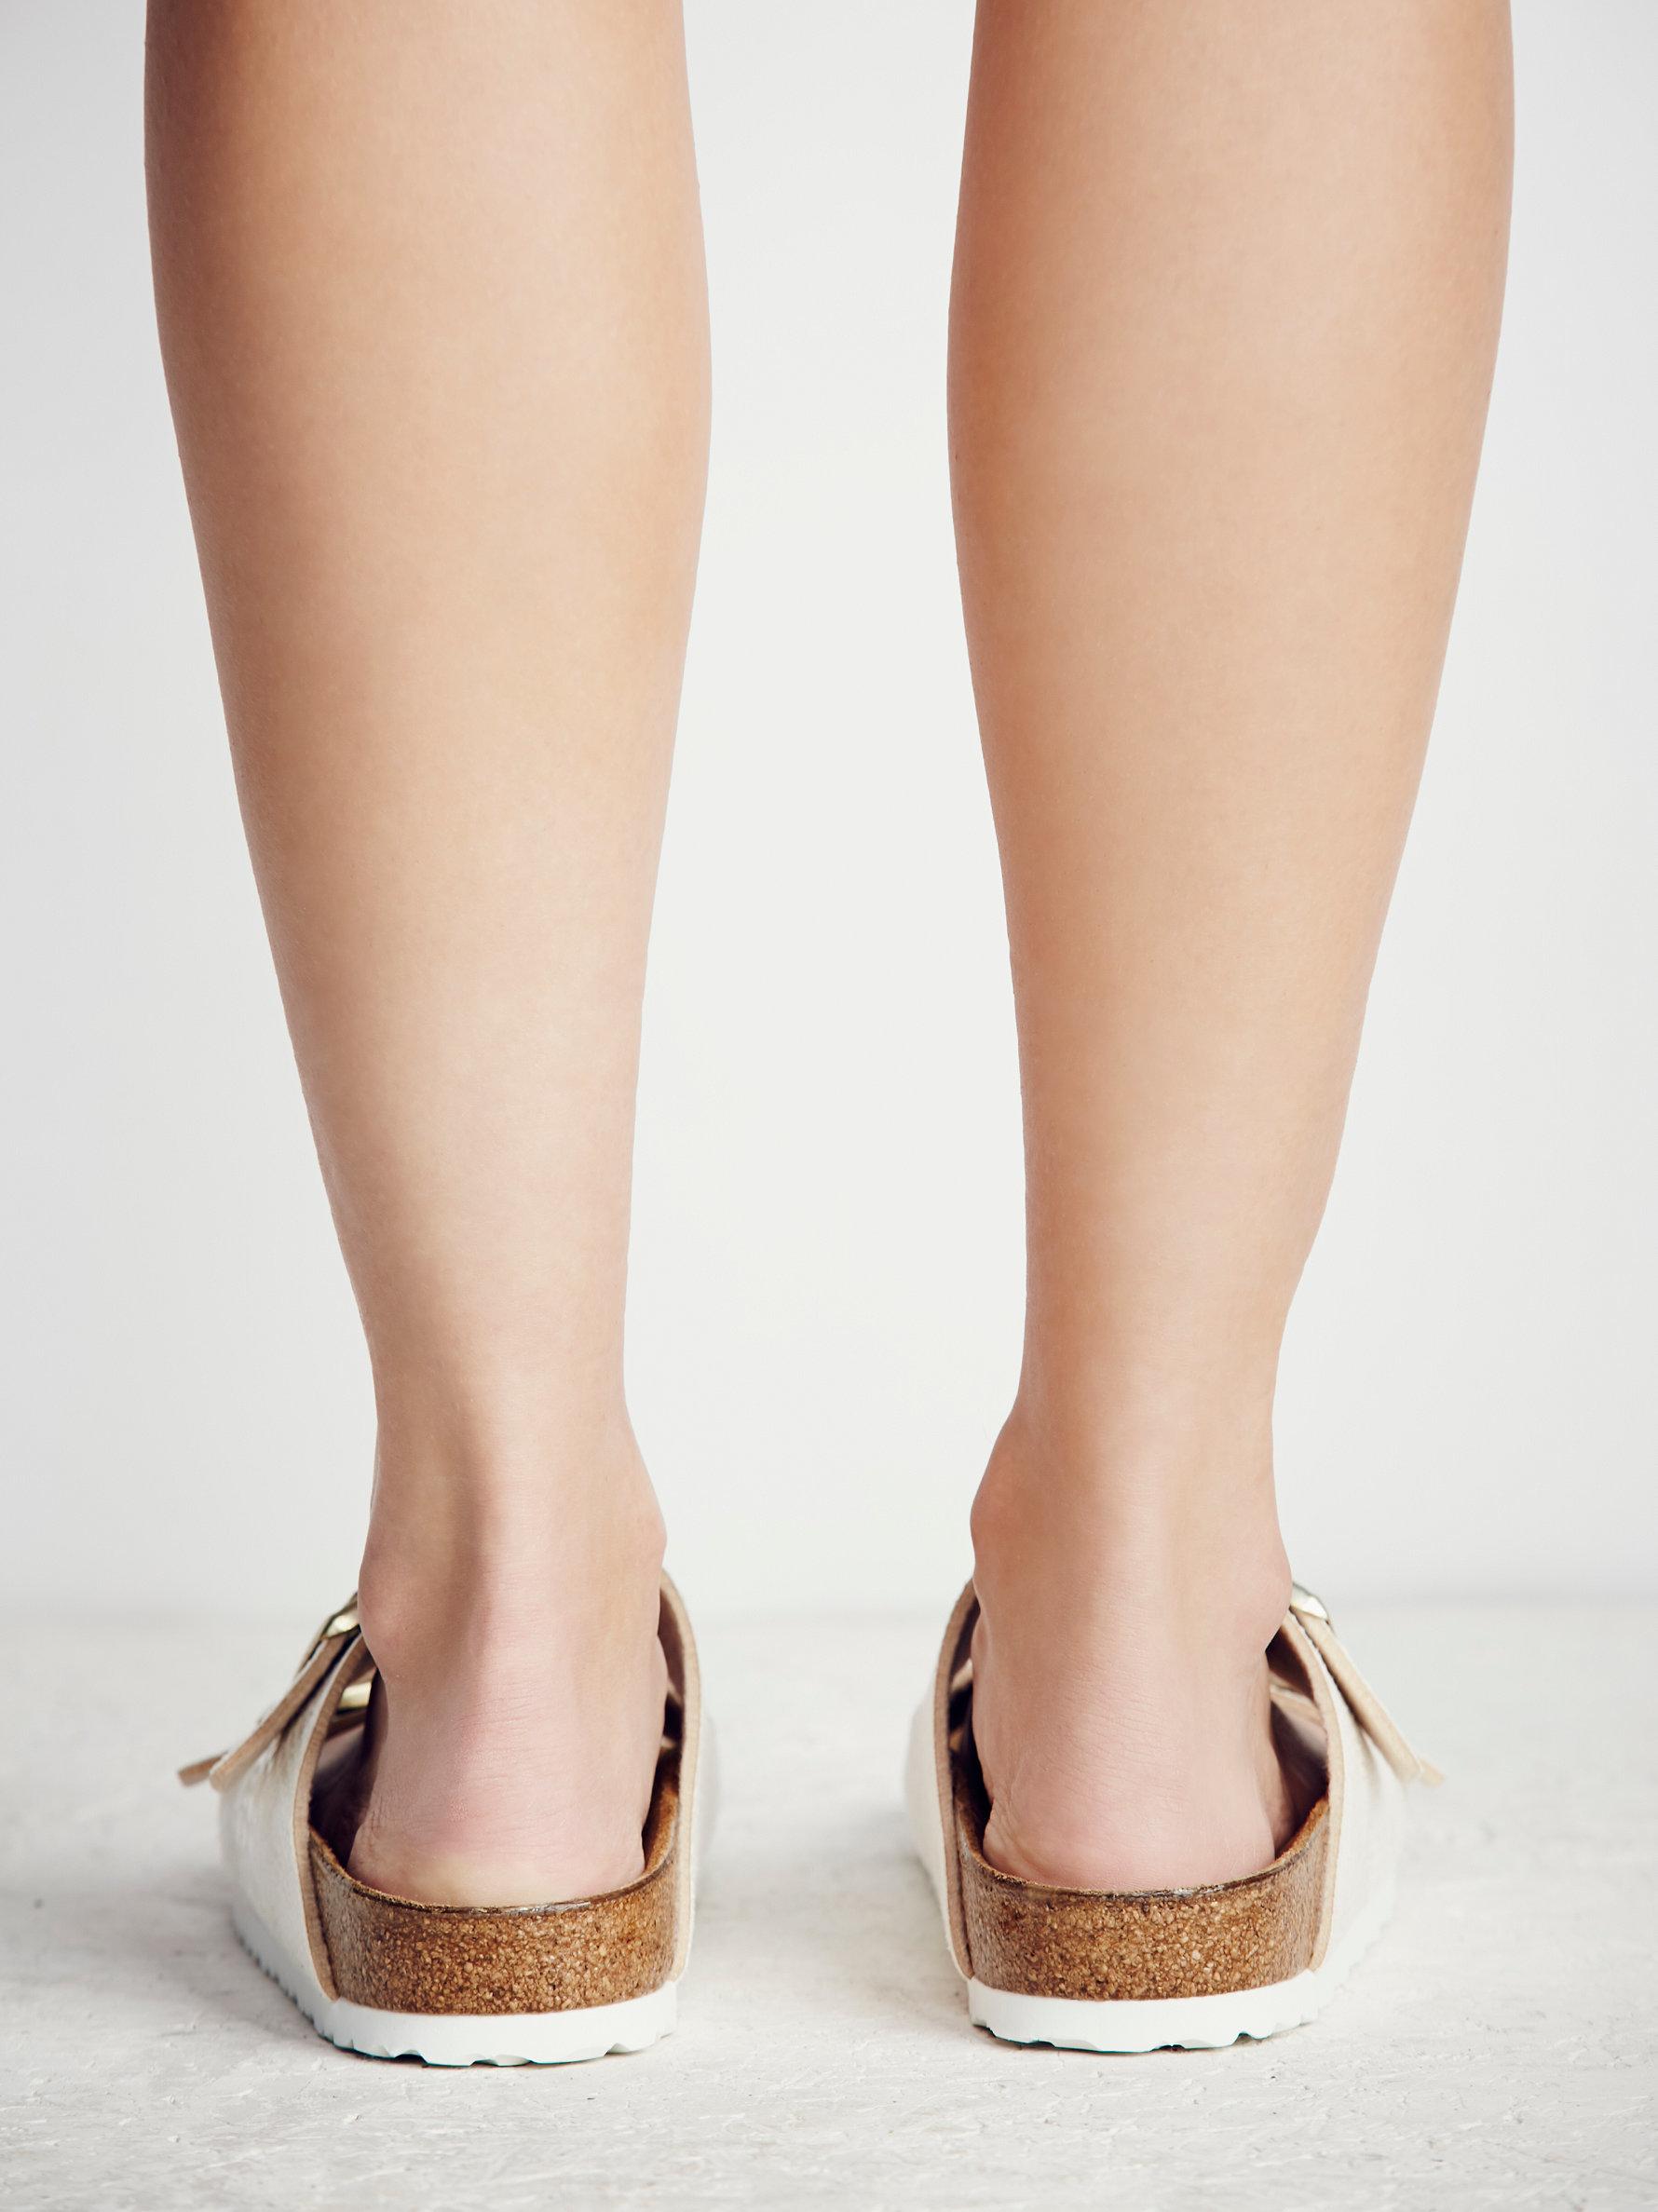 Burnetie Shoes Sizing